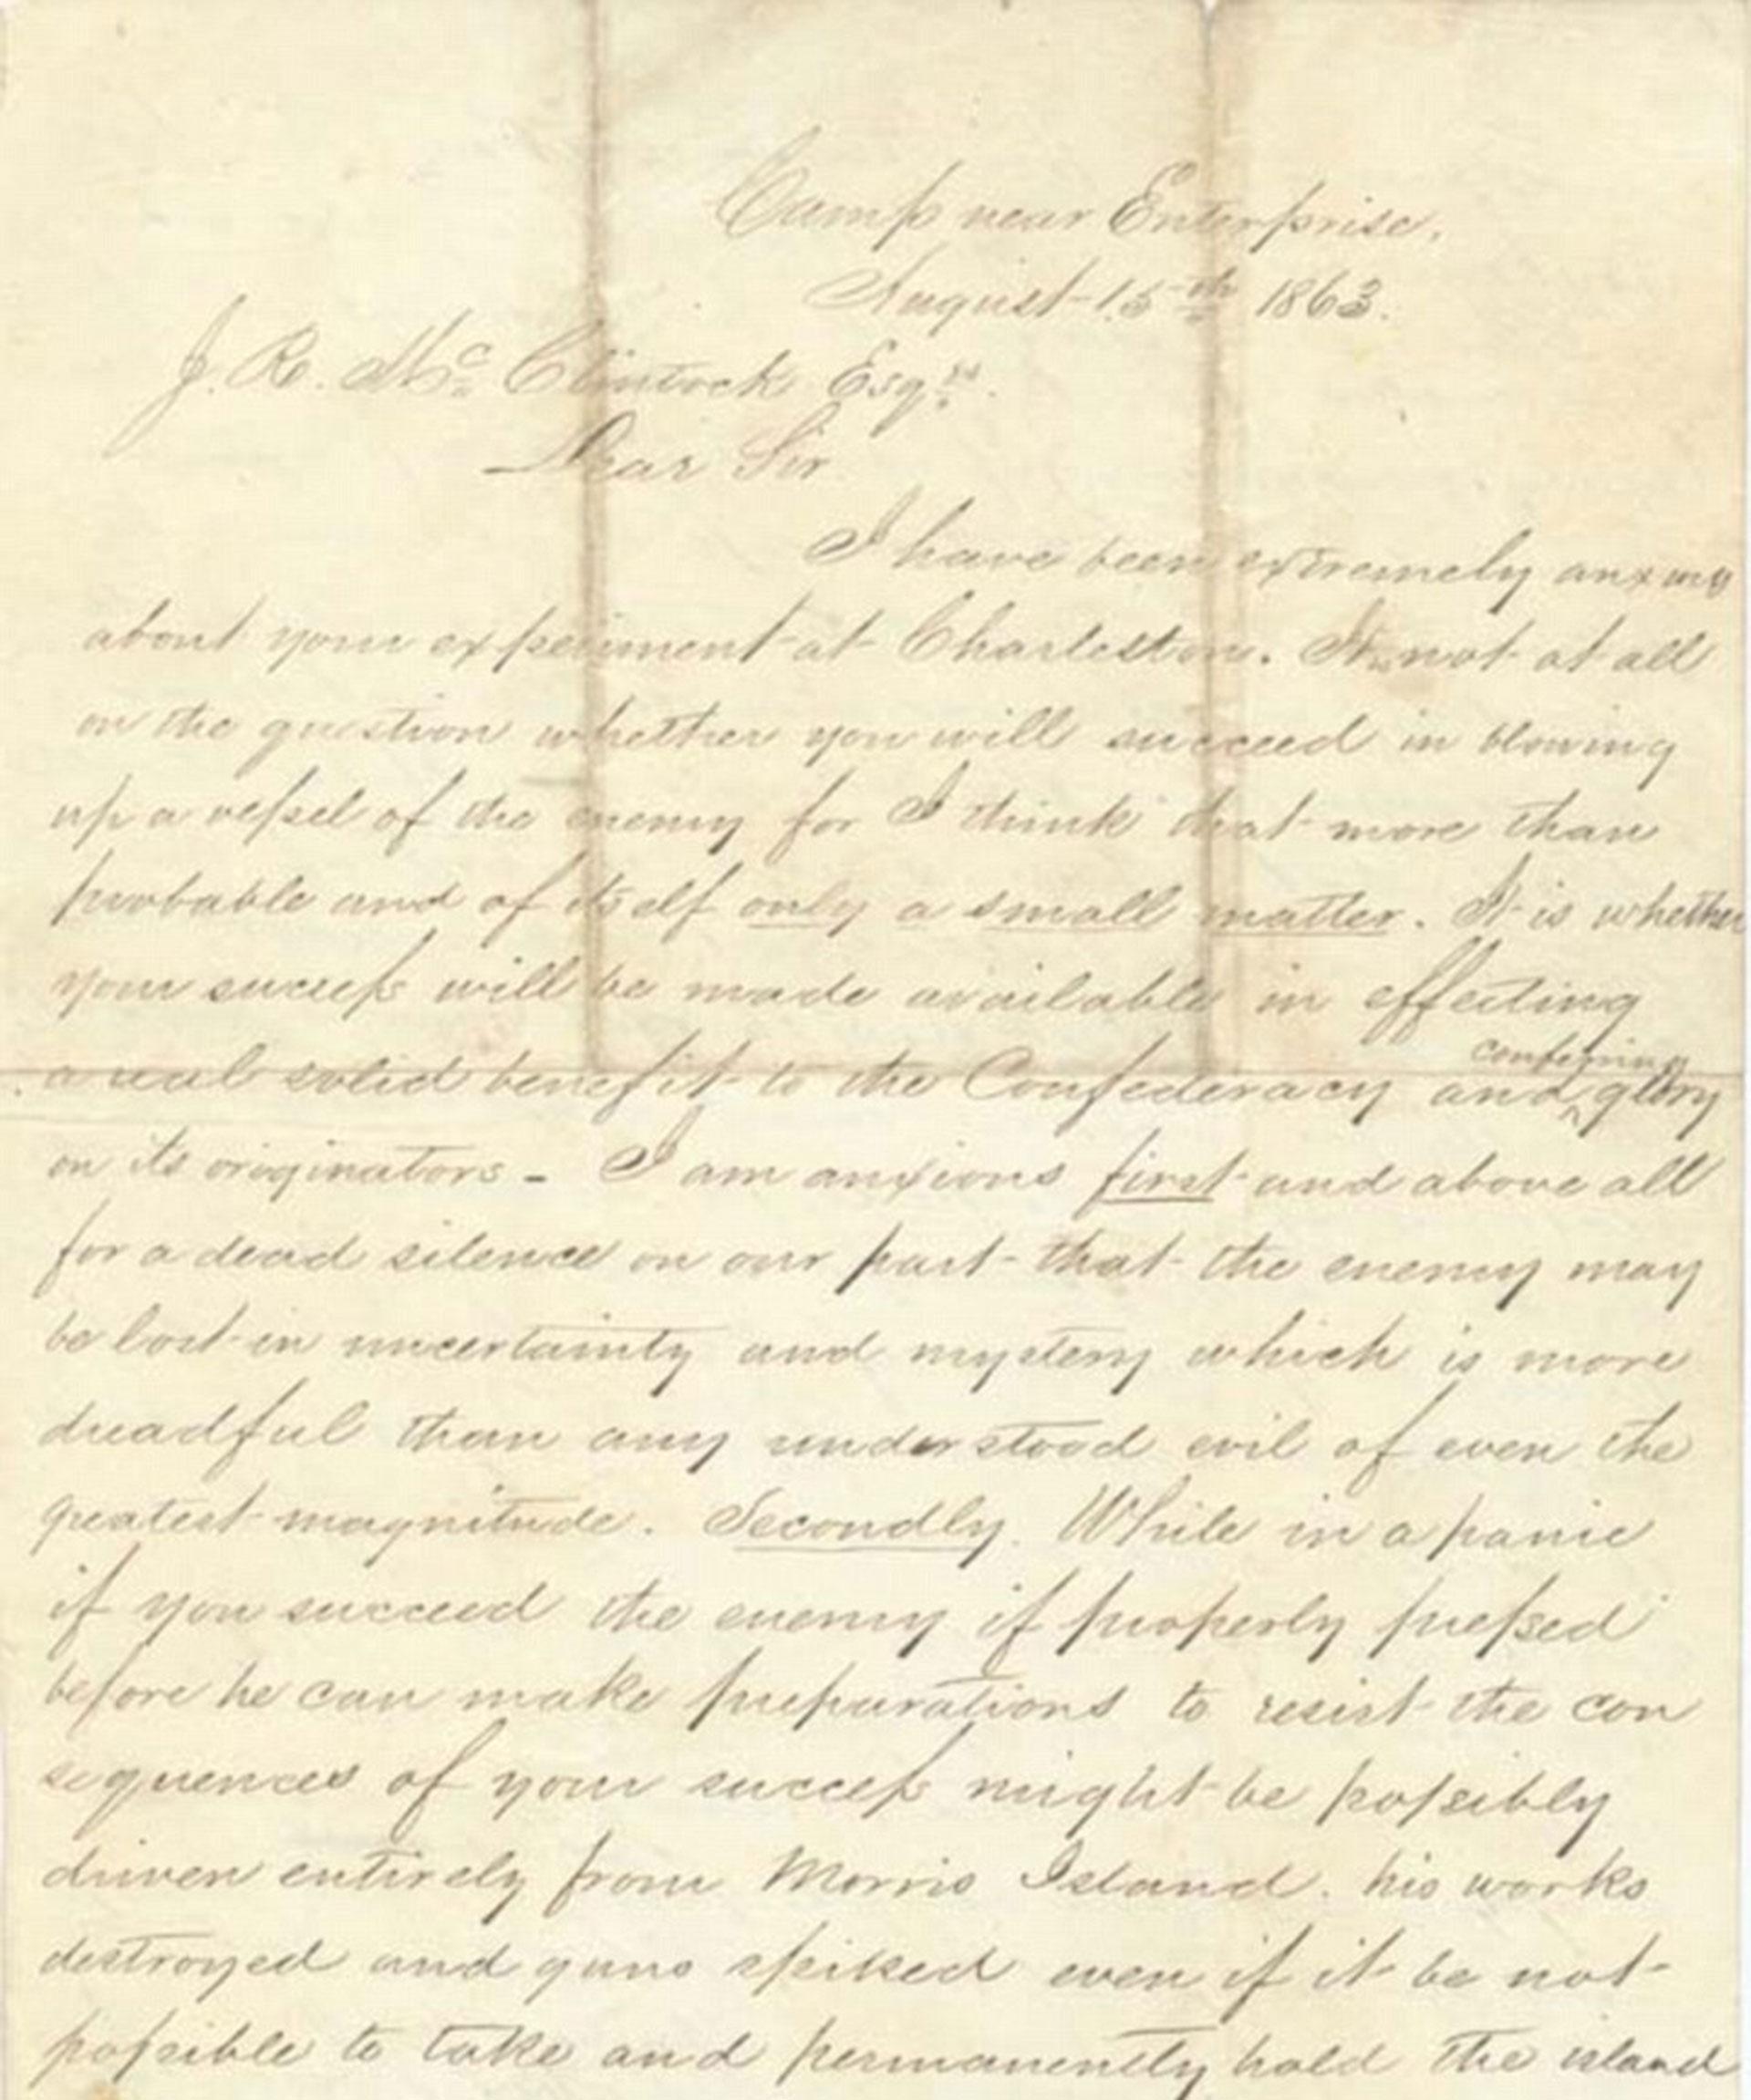 Una carta autografiada por Horace Lawson Hunley, el creador del submarino utilizado por los Estados Confederados, quien murió ahogado en su invención durante las primeras pruebas (Naval History and Heritage Command)